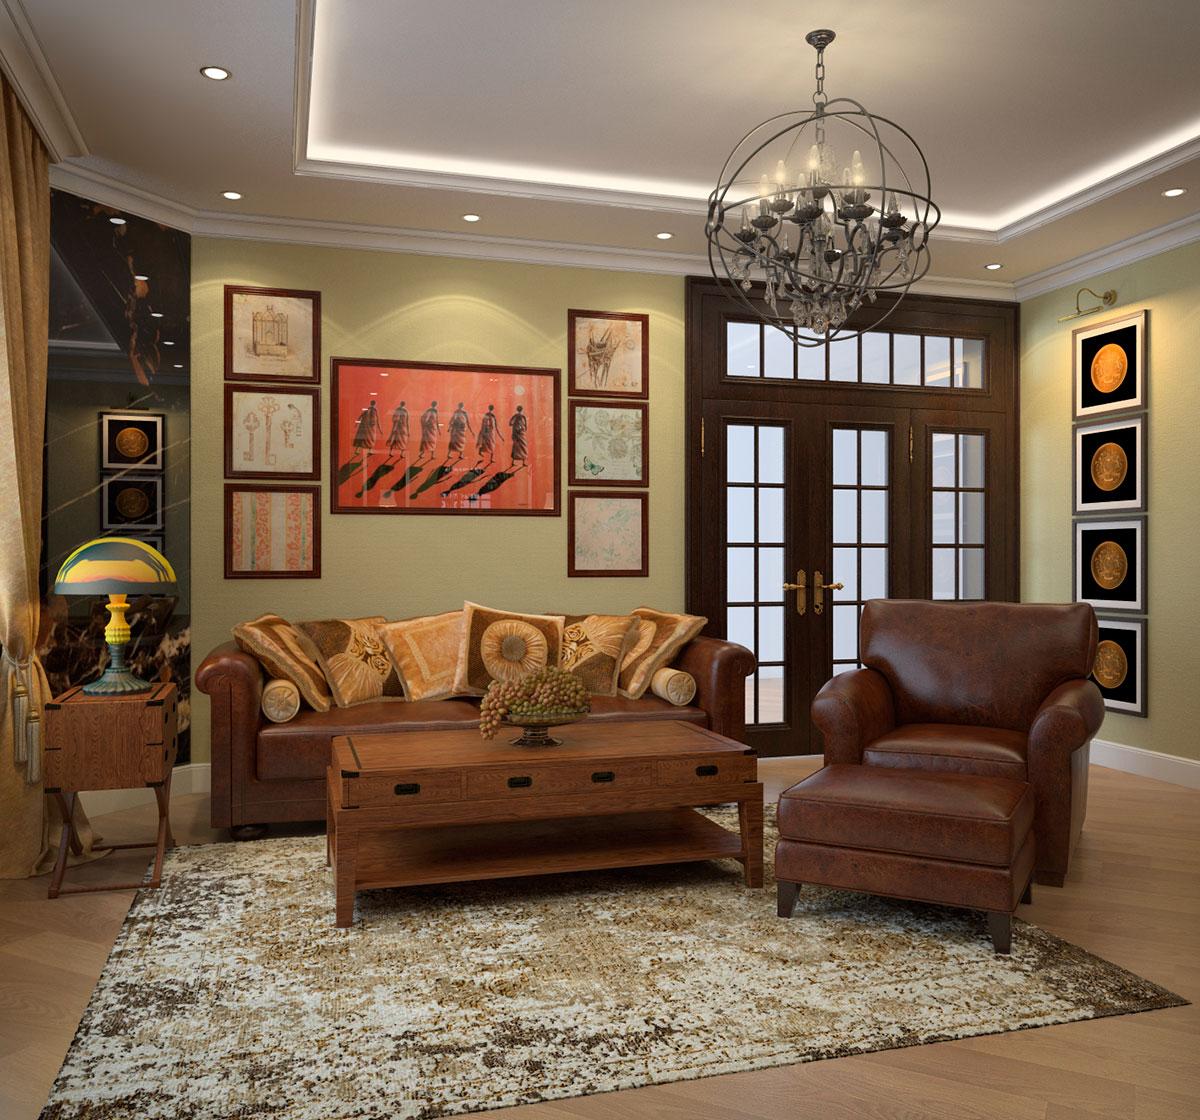 Гостиная в коричнево-оливковых тонах в колониальном стиле